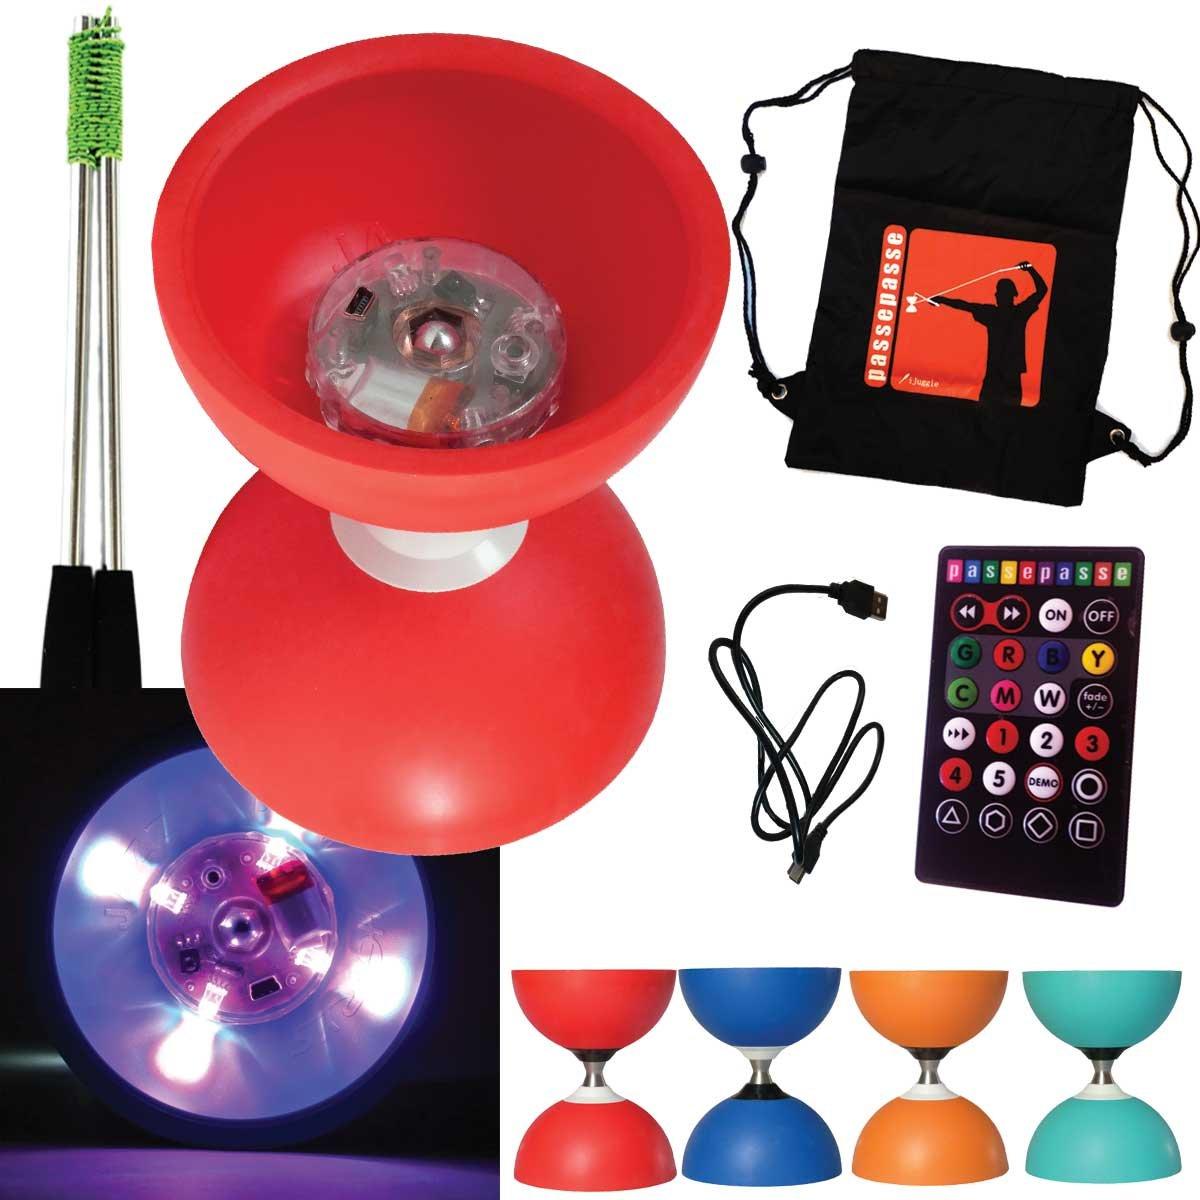 Henrys ROT Diabolo Jazz FREE Lagerachse mit USB-Fernbedienung LED-Leuchten + Aluminium Steuerknüppel und Tasche